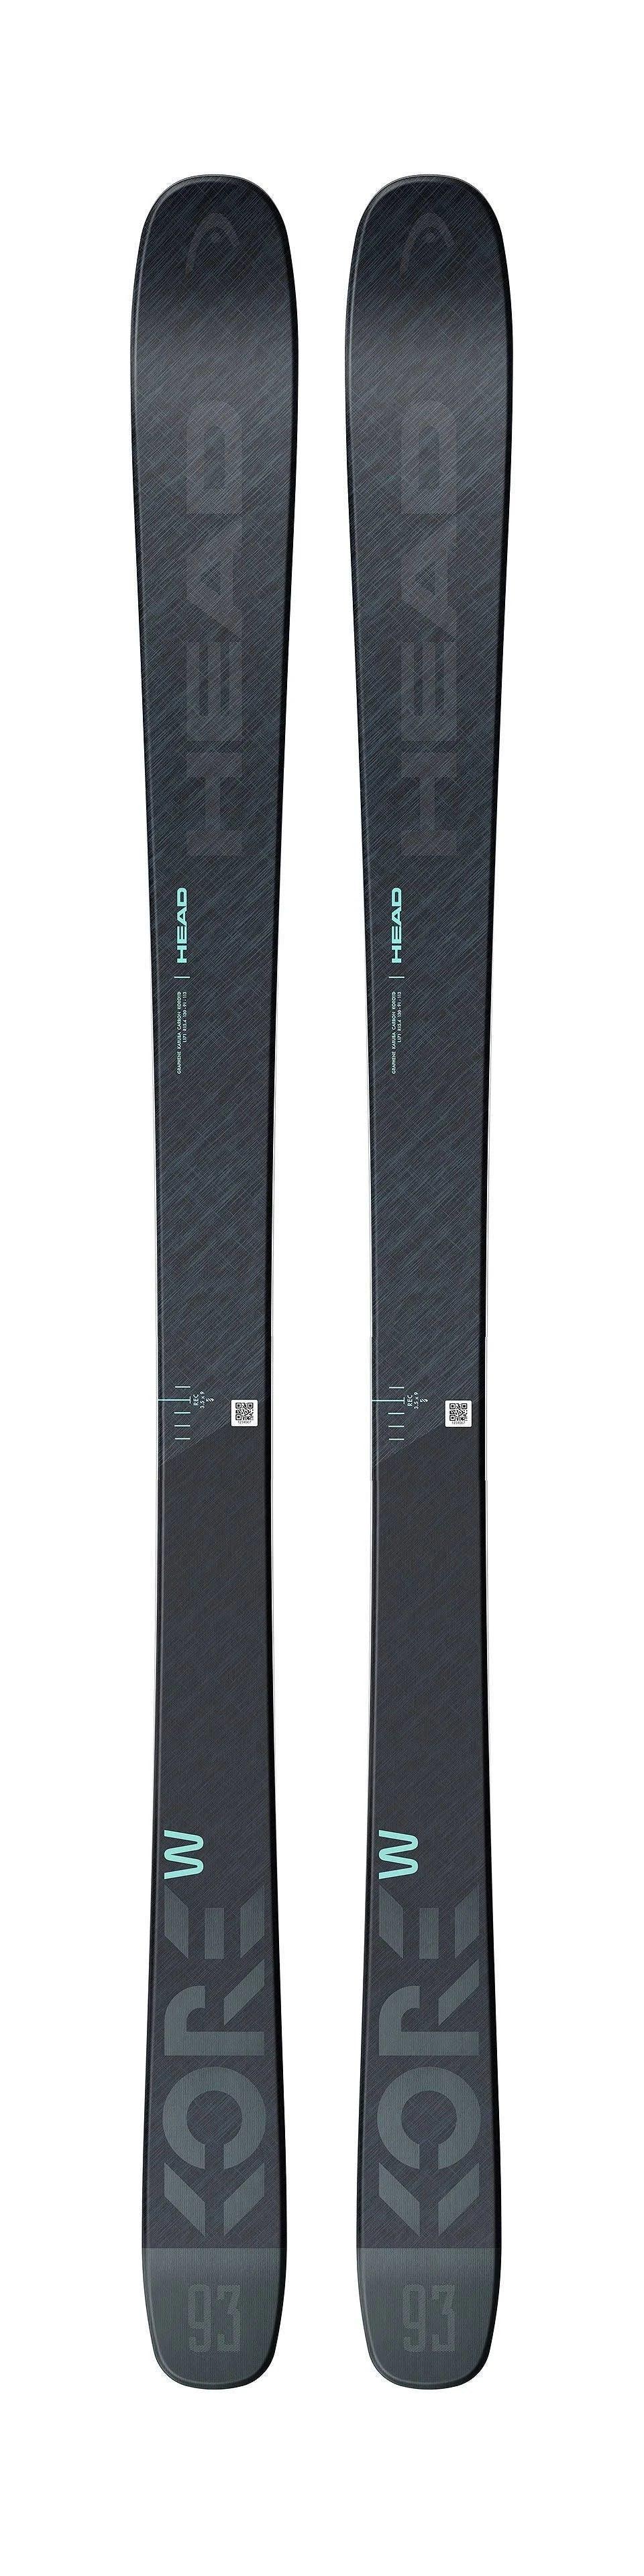 Head Kore 93 W Skis Women's · 2021